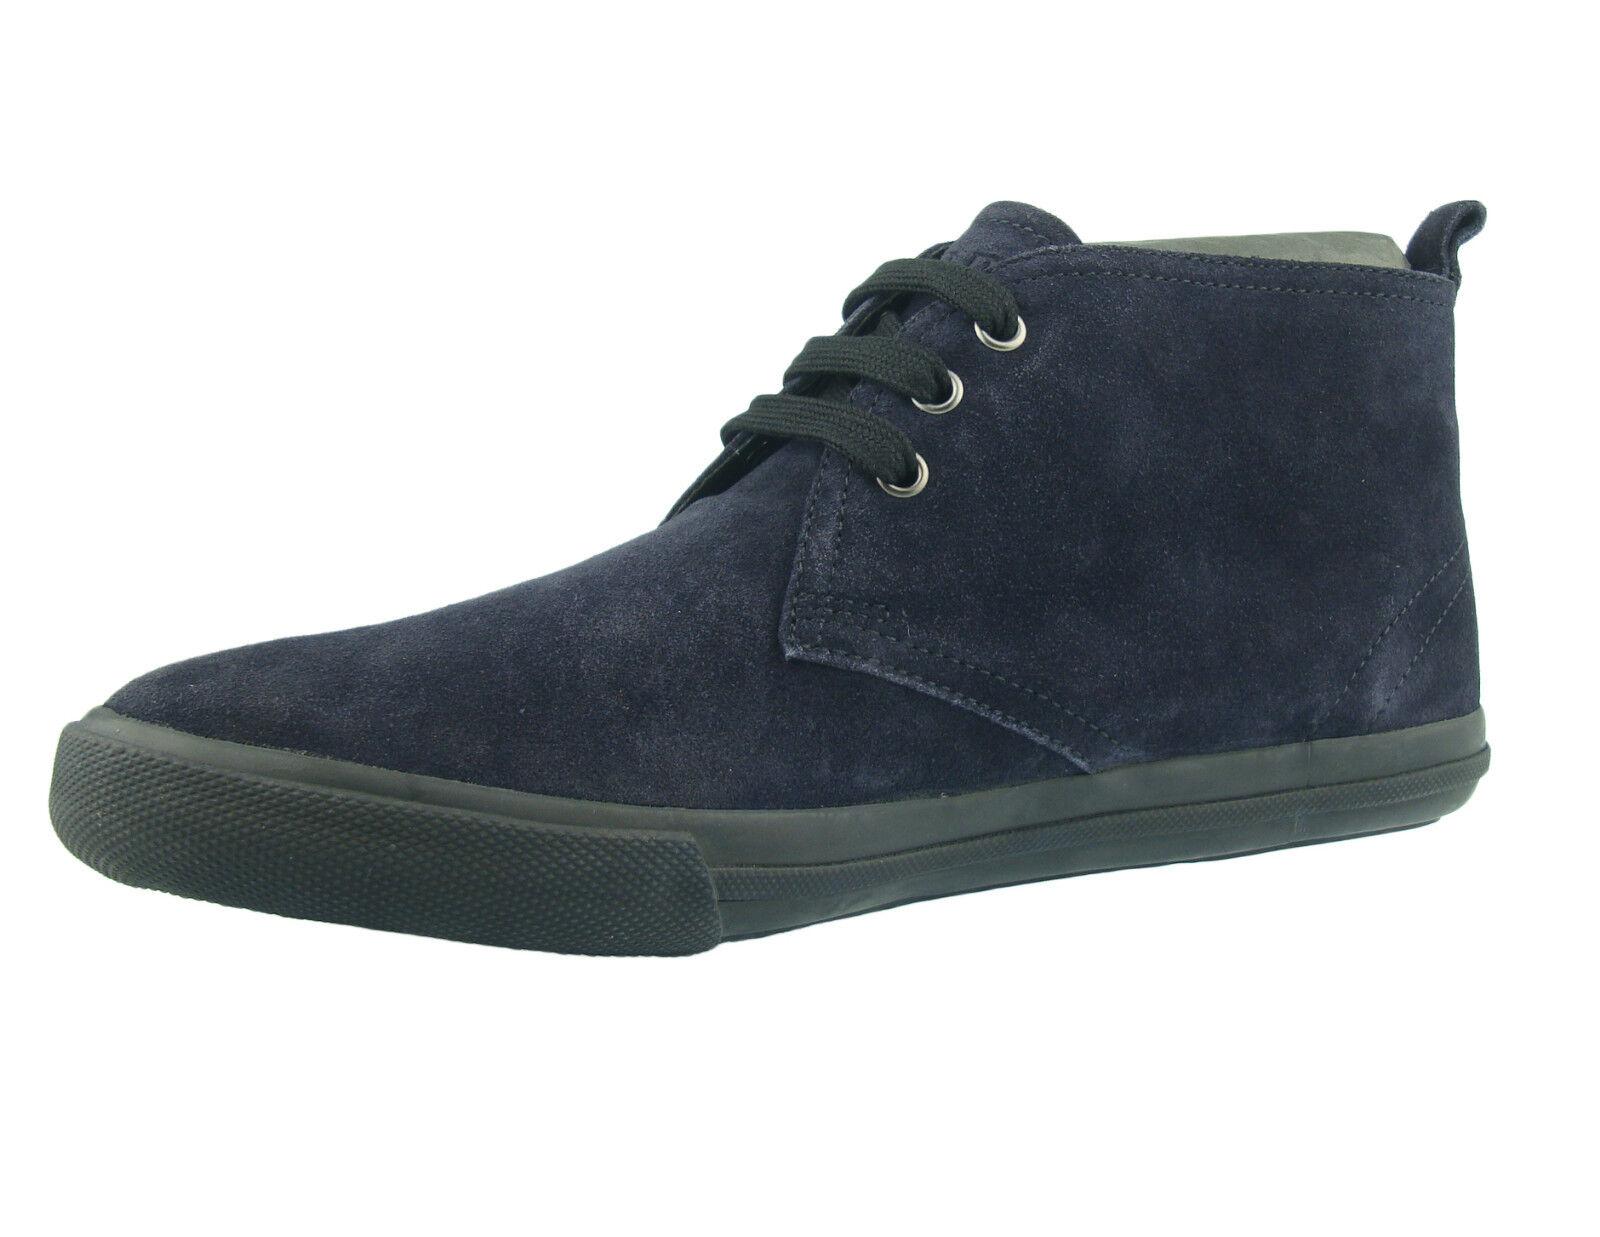 P2 Prada Herrenschuhe Desert Stiefel Schuhe hi 100% Top Turnschuhe man herrenshuhe 100% hi 927423